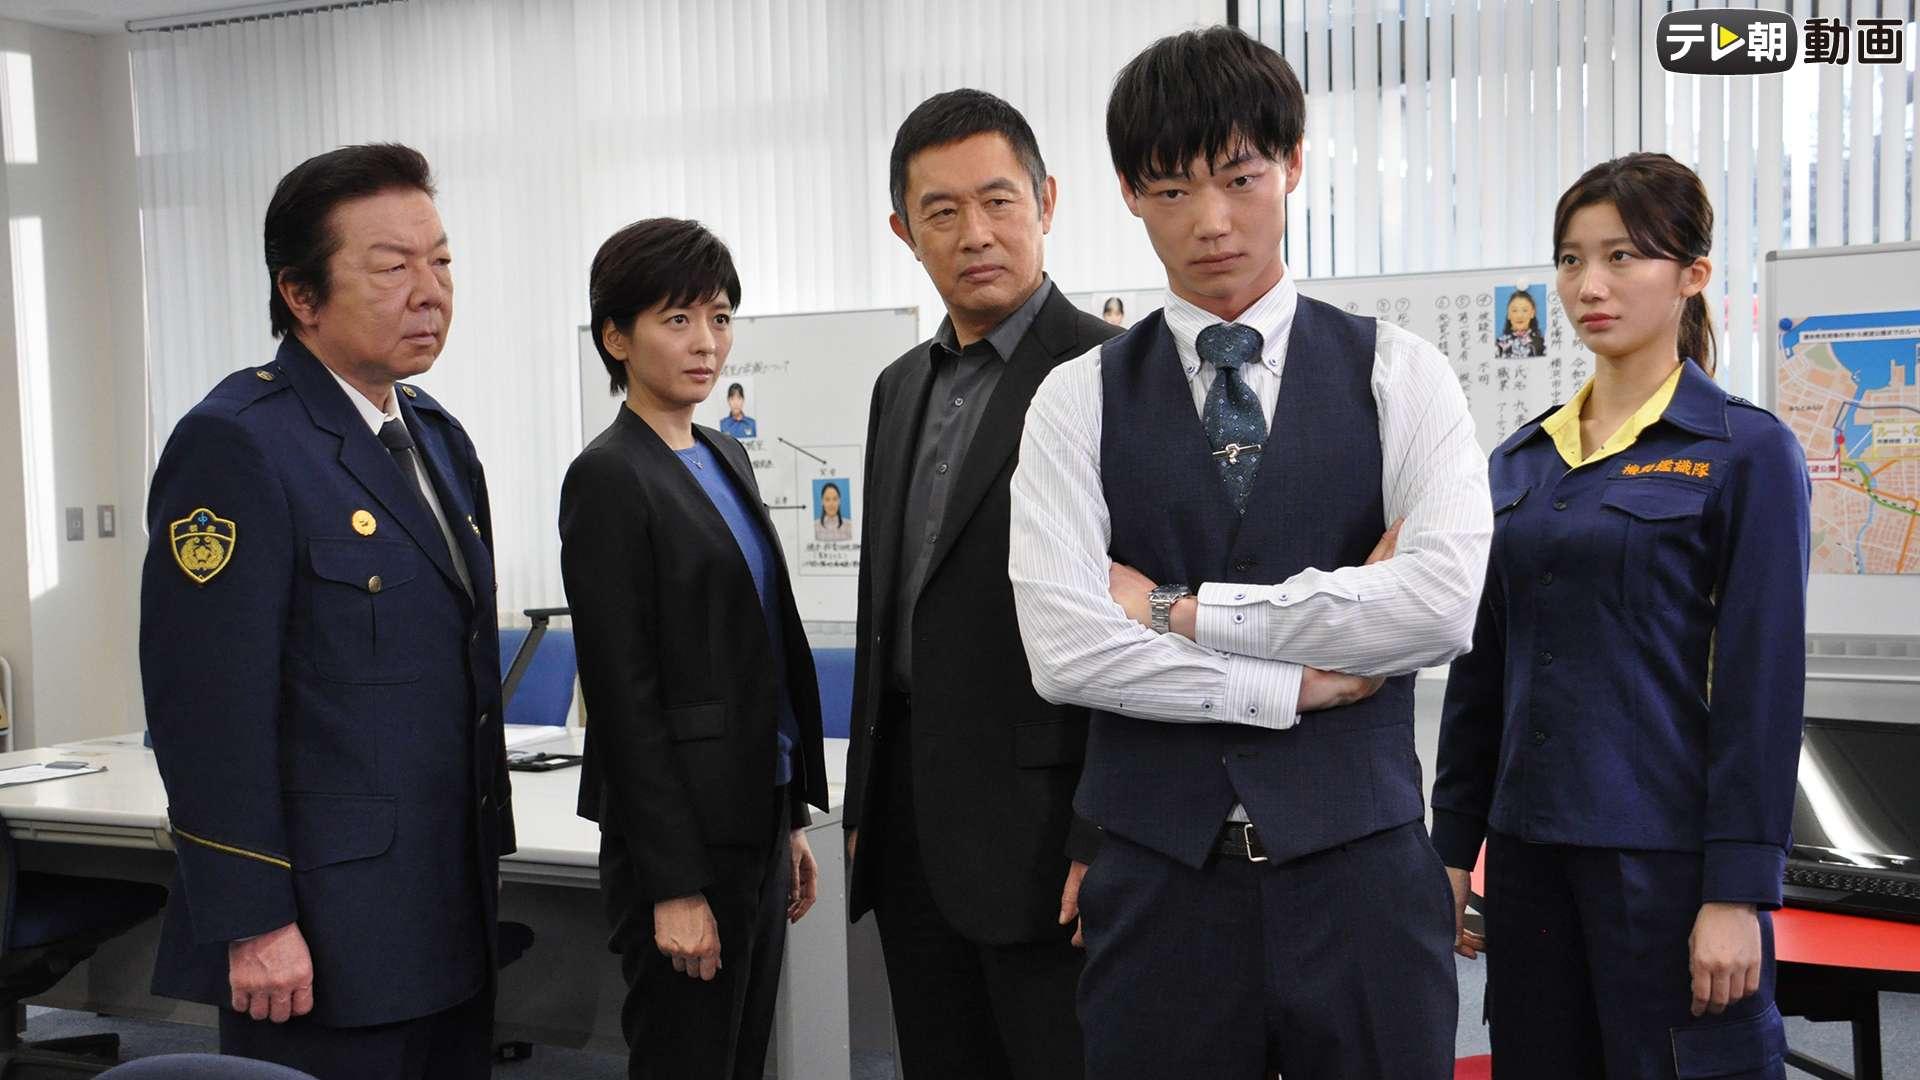 ドラマスペシャル「全身刑事」(2020年2月2日放送)